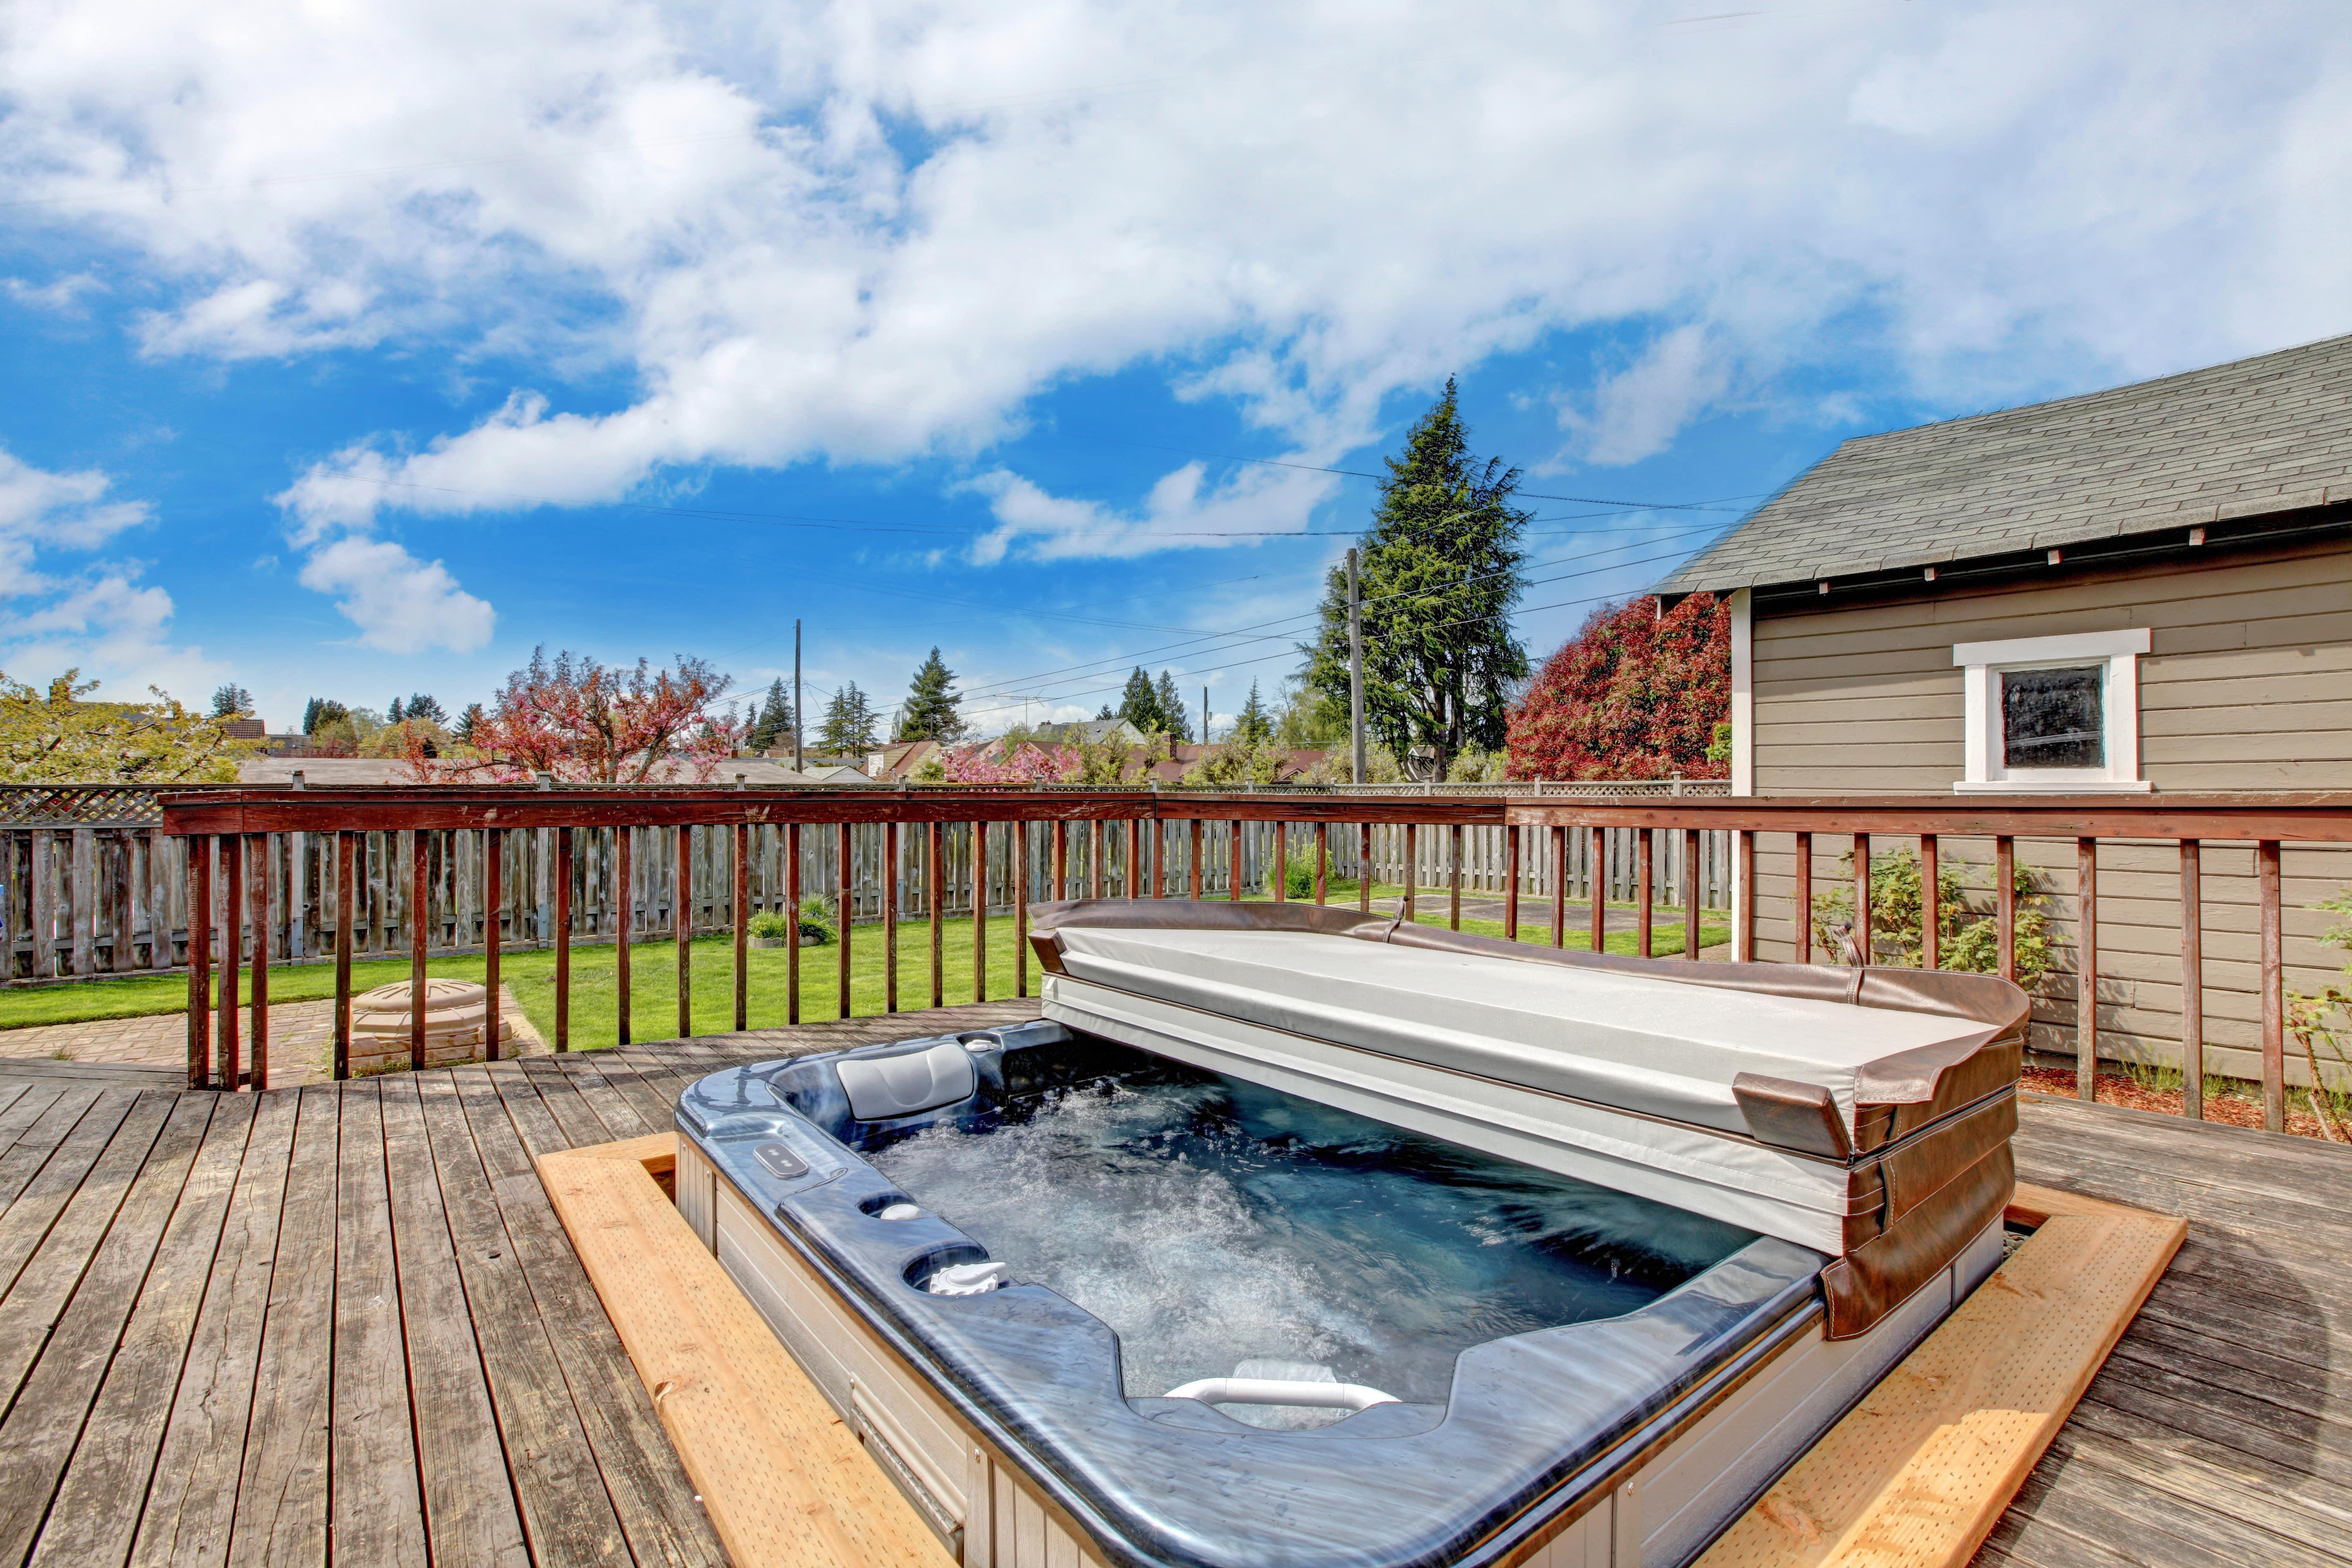 Backyard-deck-with-jacuzzi